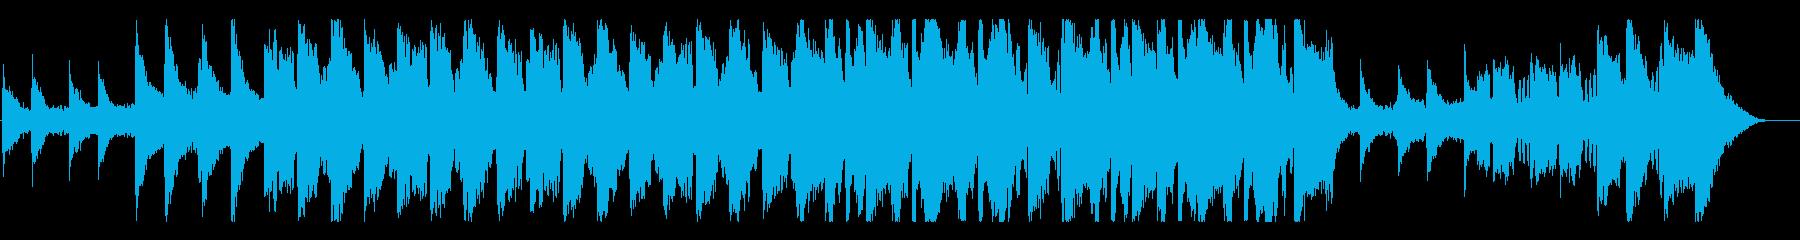 透明のある美しいメロディーのBGMの再生済みの波形